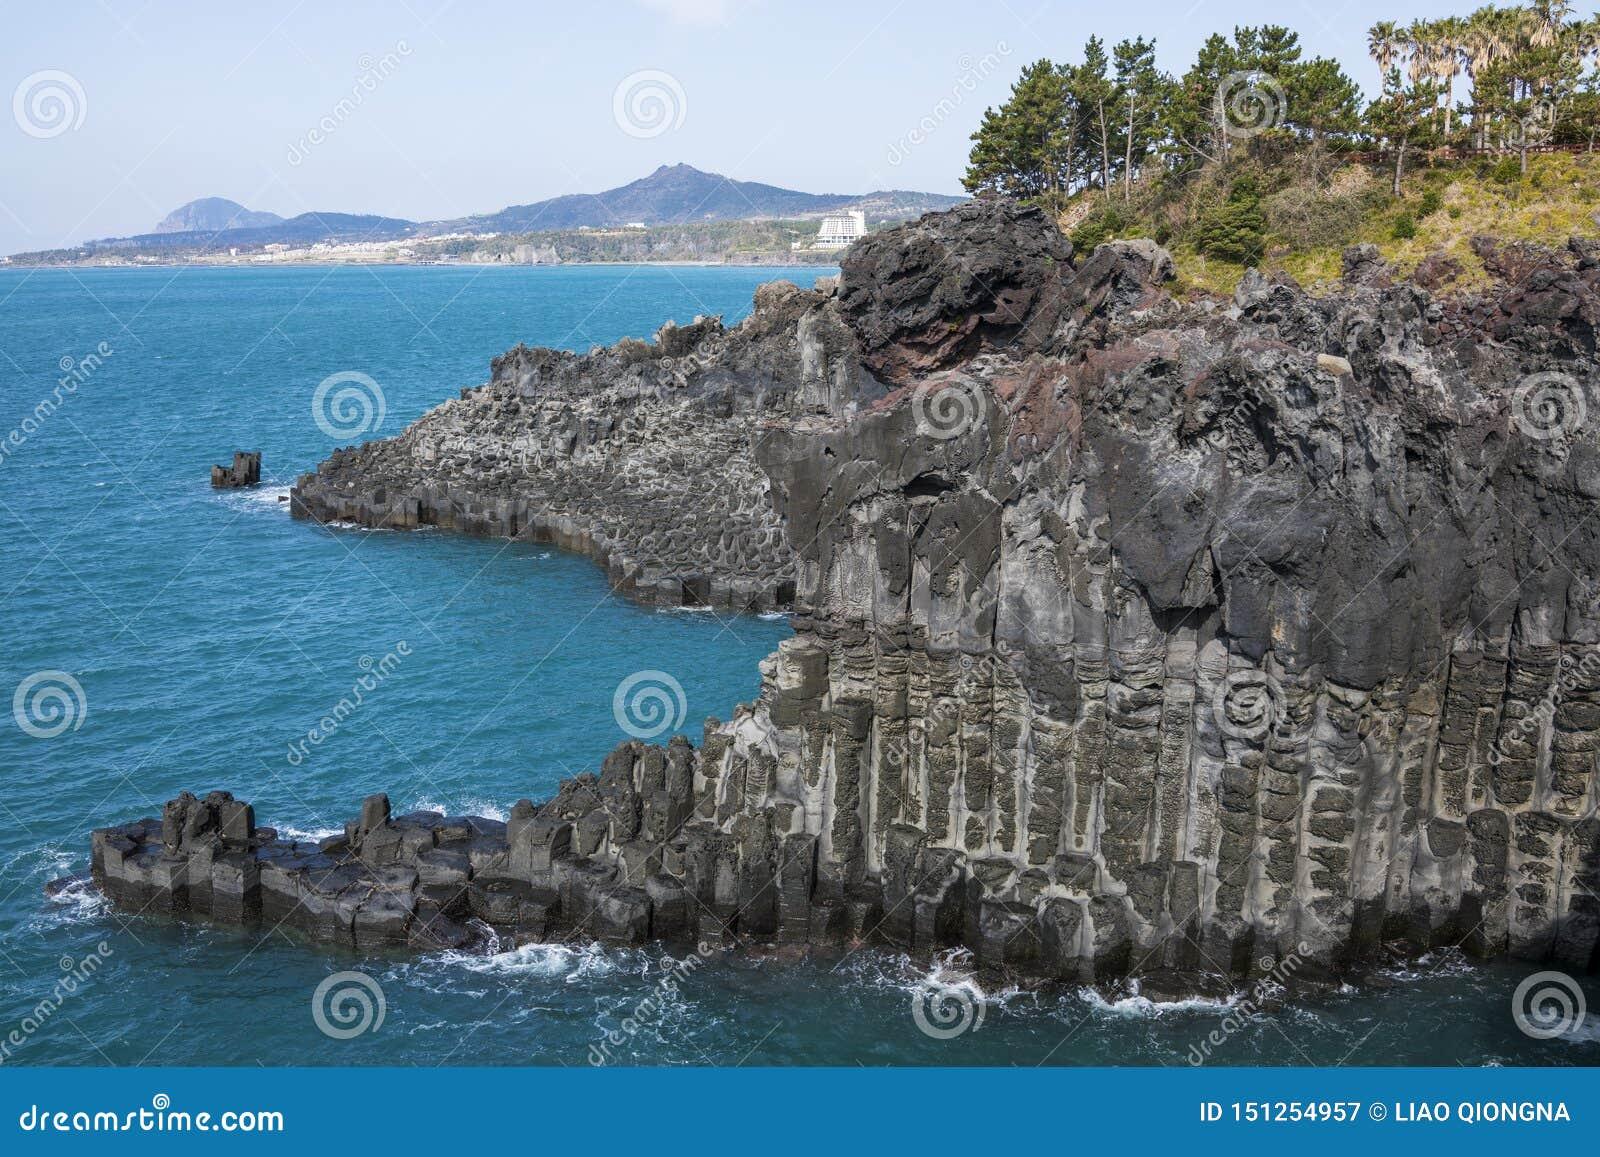 Взгляд Jusangjeollidae Jusangjeolli каменные штендеры сложенные вверх по побережью и обозначенный культурный памятник Jeju